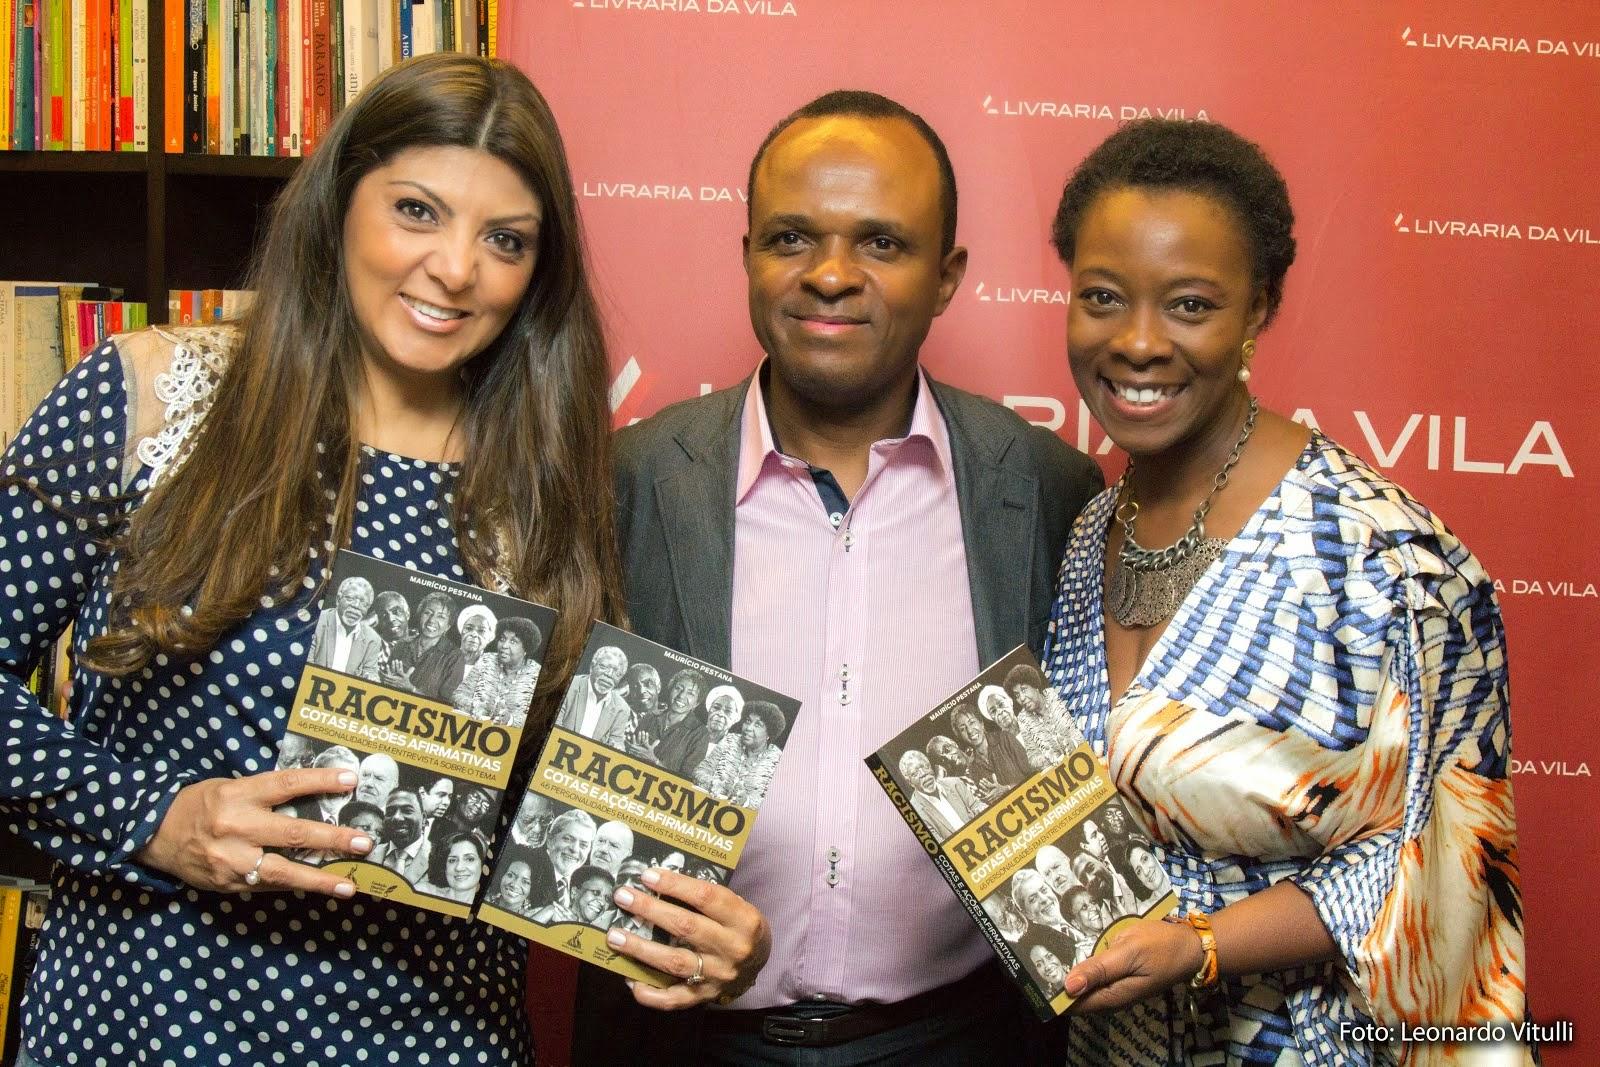 Lançamento livro Racismo: Cotas e Ações Afirmativas